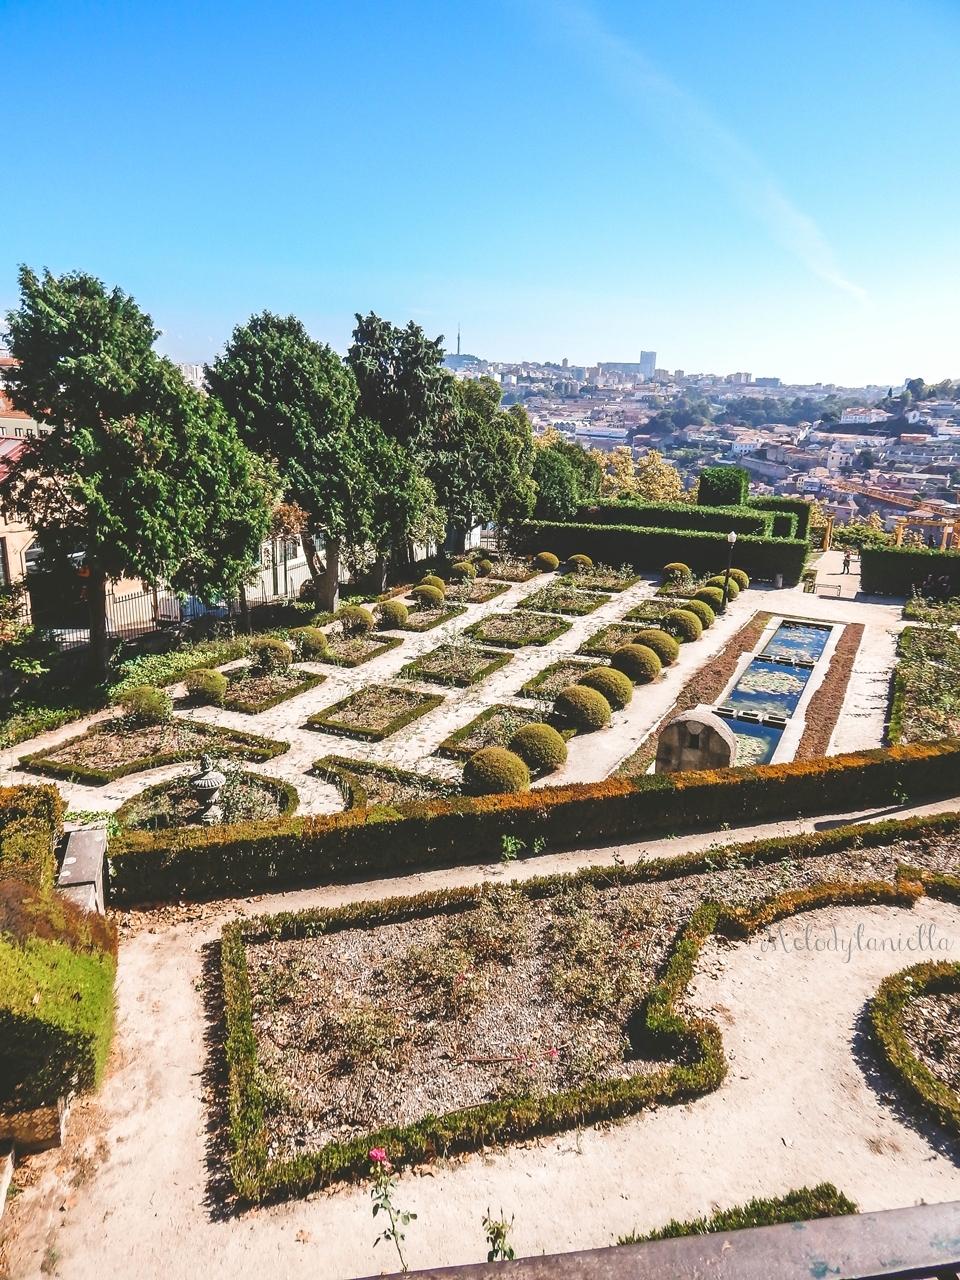 13a Jardins do Palácio de Cristal-2  co zobaczyć w Porto w portugalii ciekawe miejsca musisz zobaczyć top miejsc w porto zabytki piękne uliczki miejsca godne zobaczenia blog podróżniczy portugalia melodylaniella